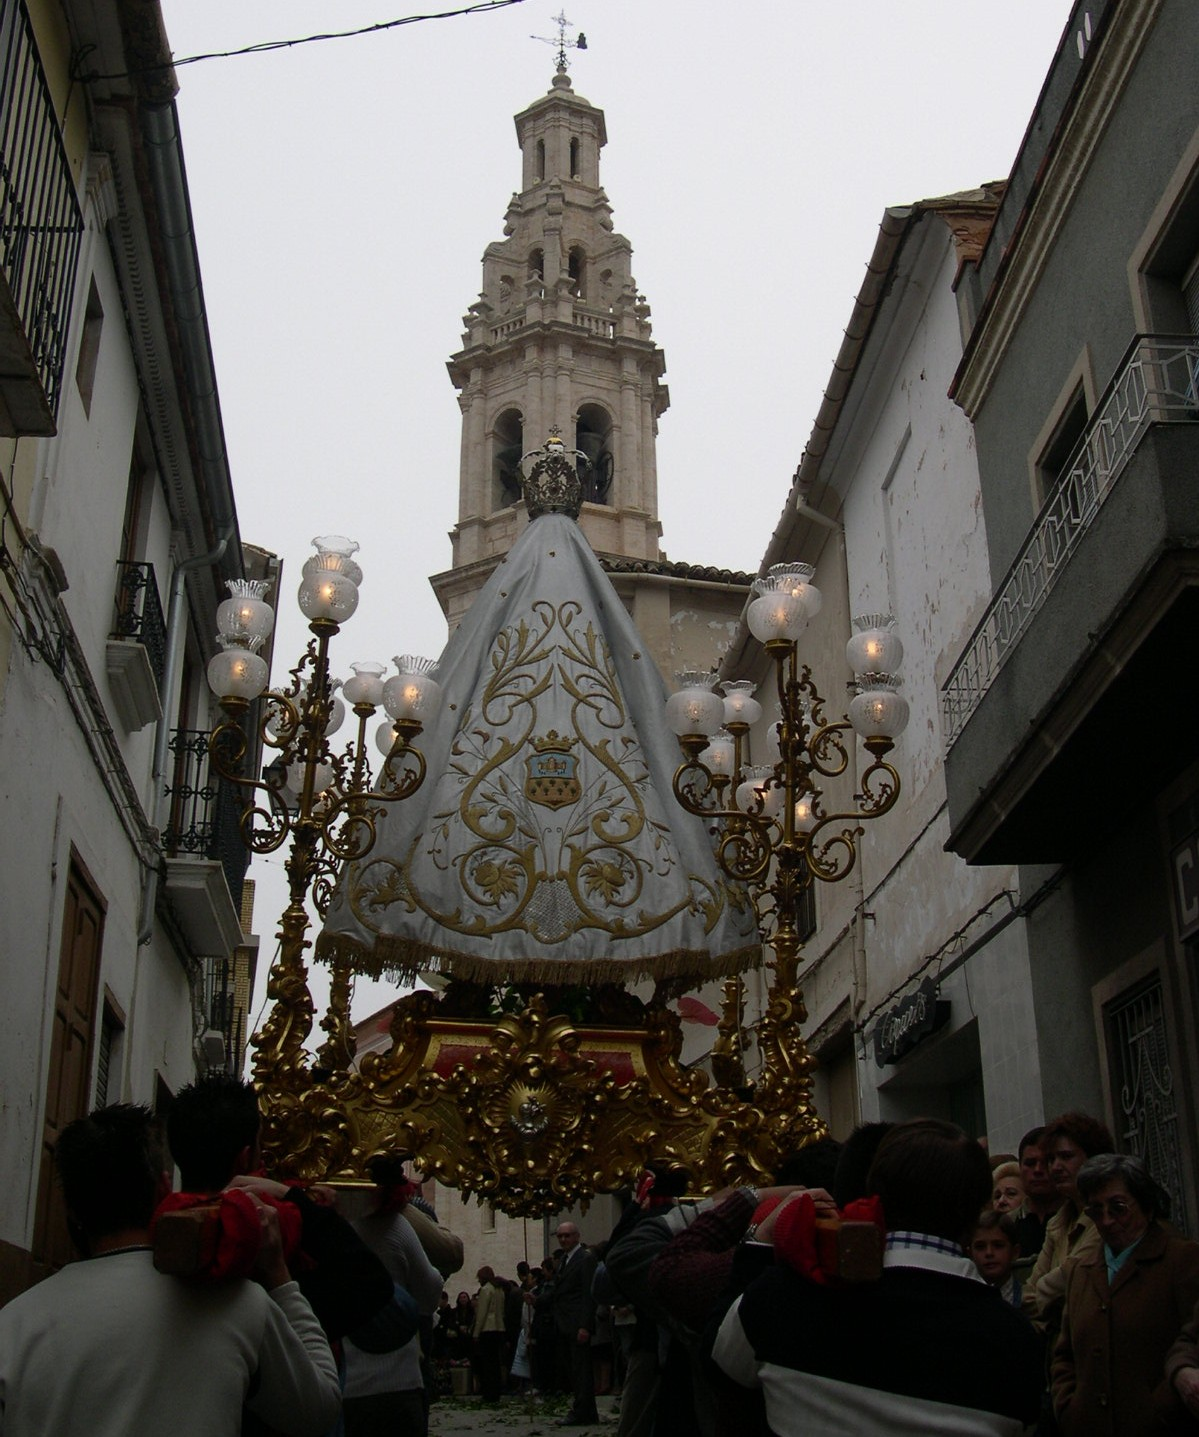 Fiestas de Semana Santa y de la Virgen de la Soledad Gloriosa